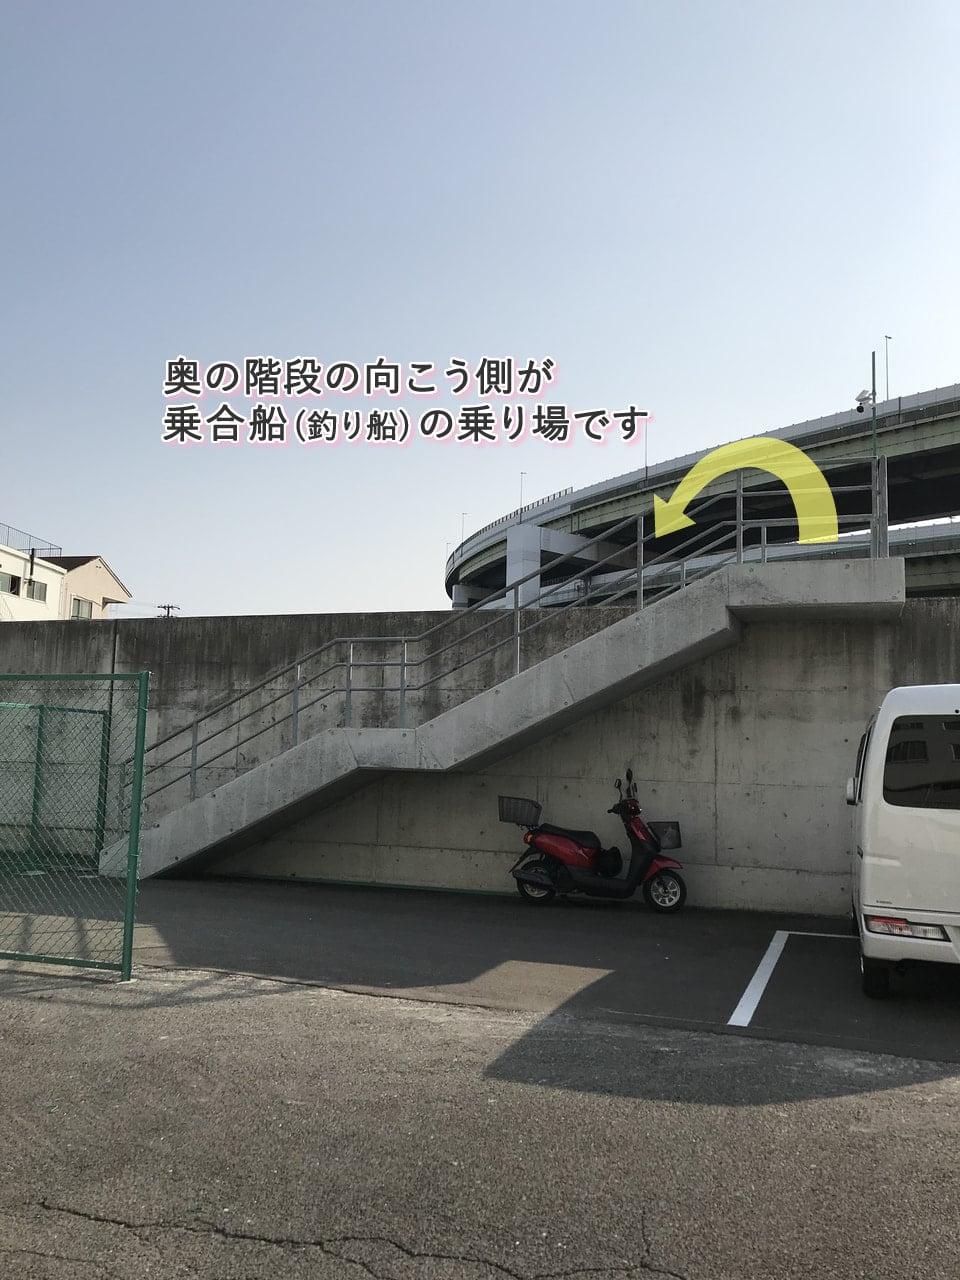 乗合船の乗り場への階段